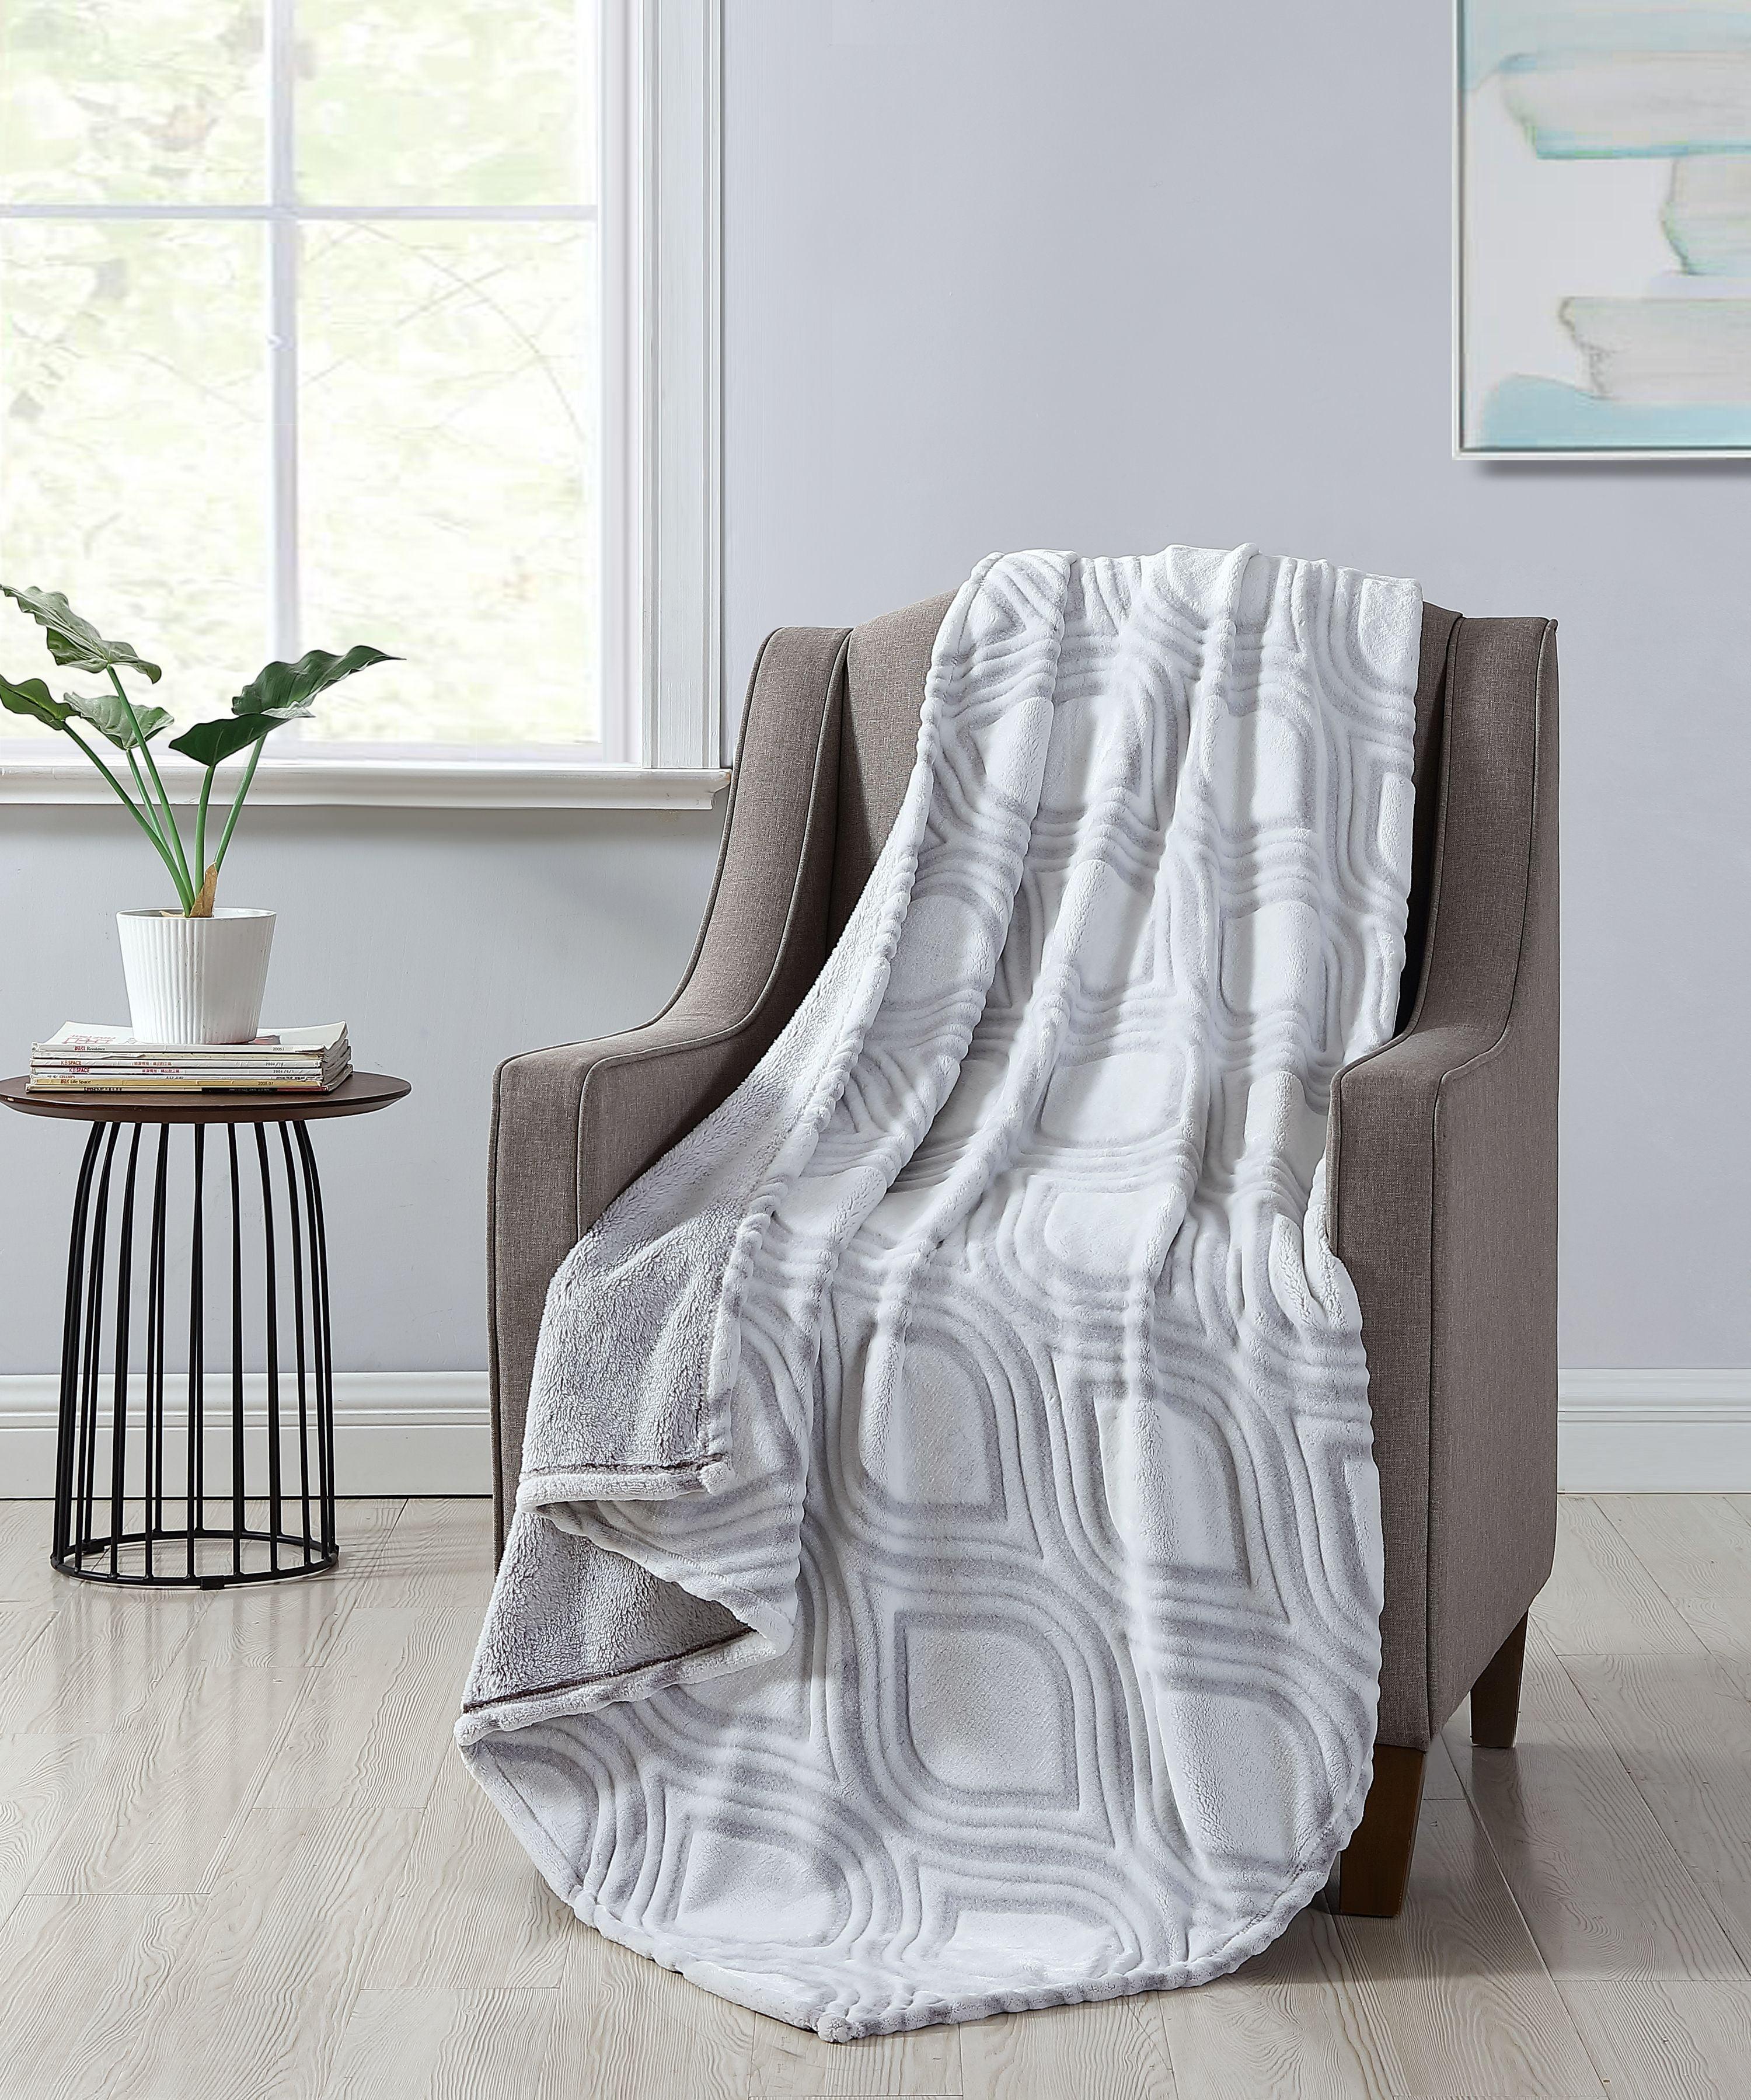 Better Homes & Gardens Grey Ogee Velvet Plush Throw Blanket, 50 x 60, Grey